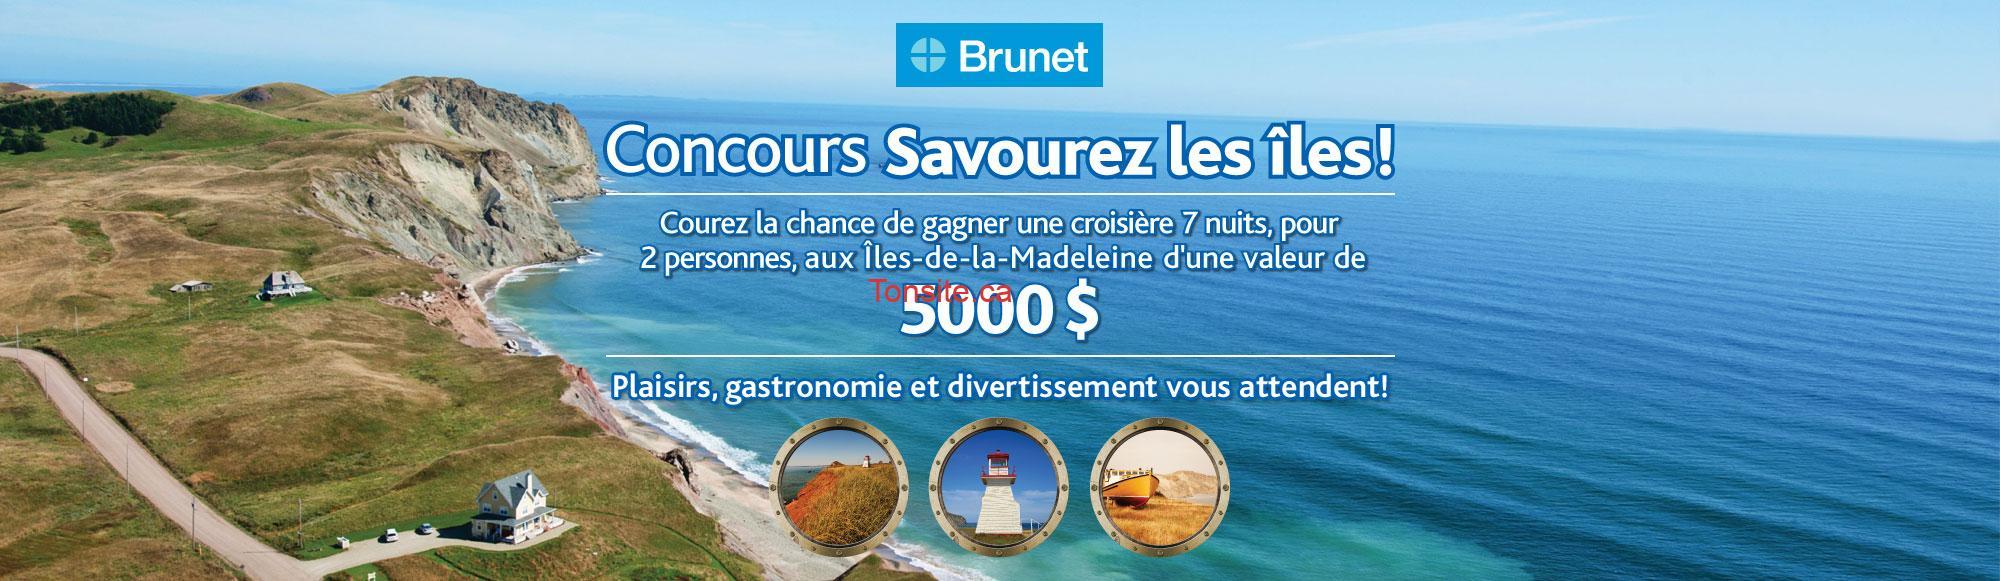 brunet concours 1 - Concours Brunet: Gagnez une croisière de 7 nuits pour 2 personnes aux îles-de-la-Madeleine (valeur de 5000$)